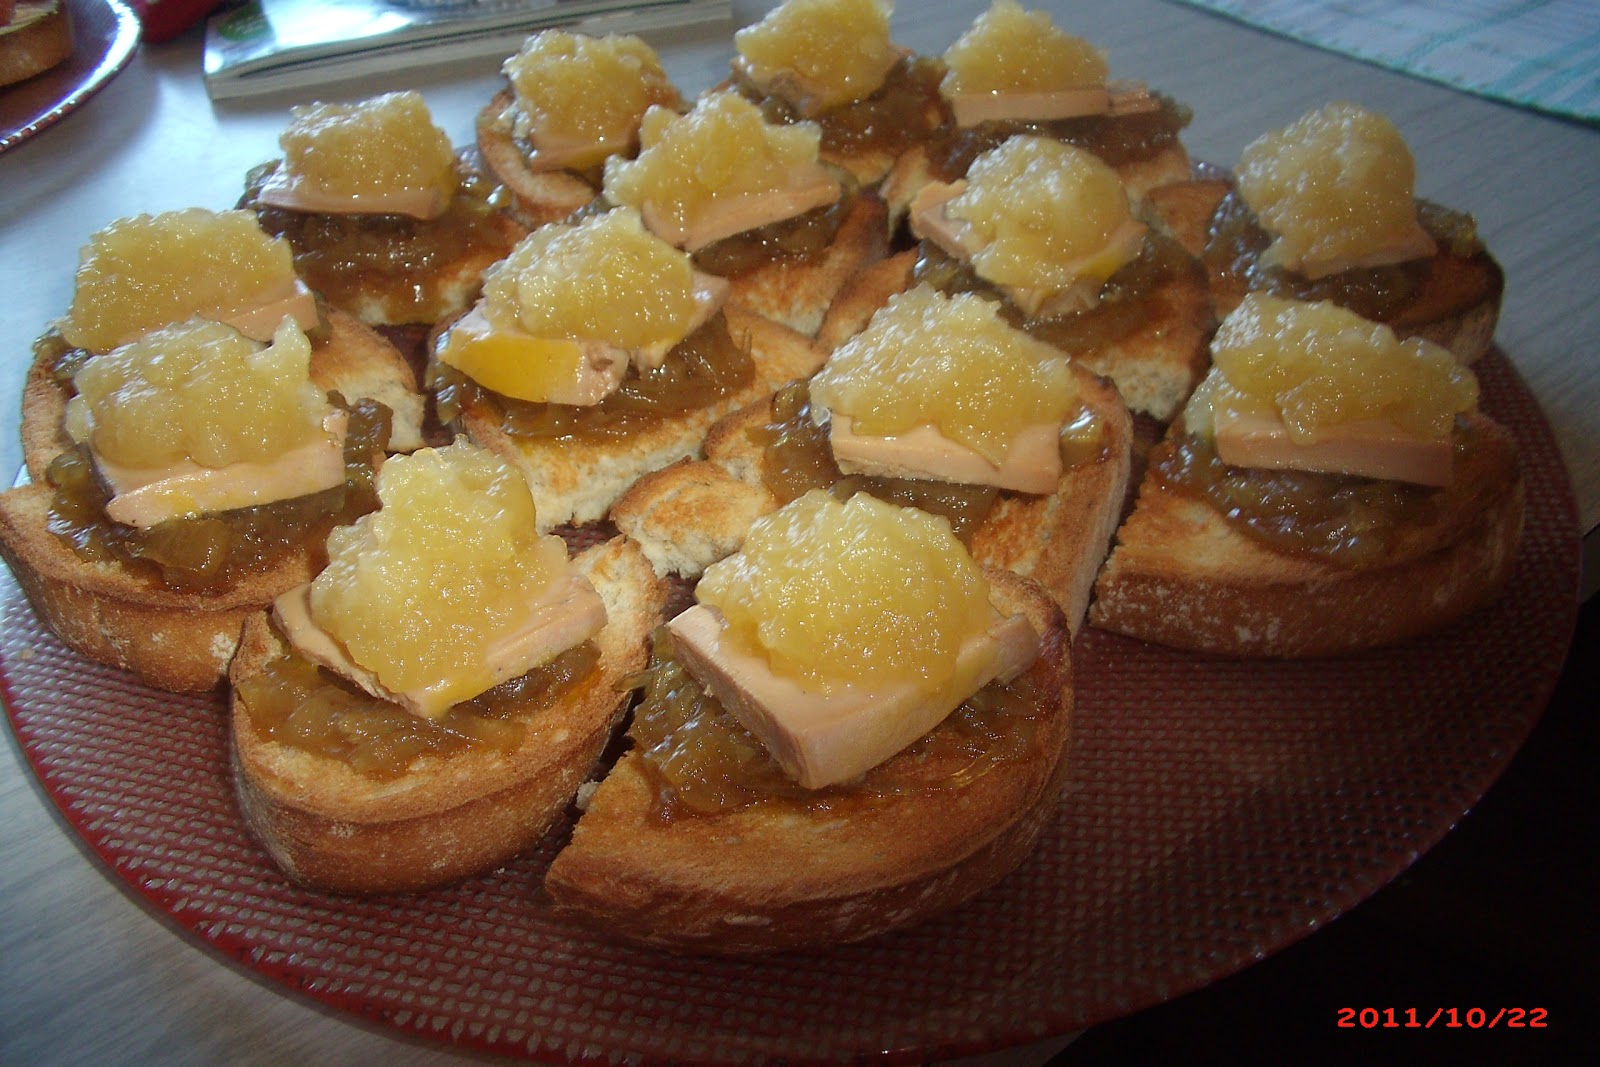 La cocina de la rubi tosta de pat con manzana y cebolla for Canape de pate con cebolla caramelizada